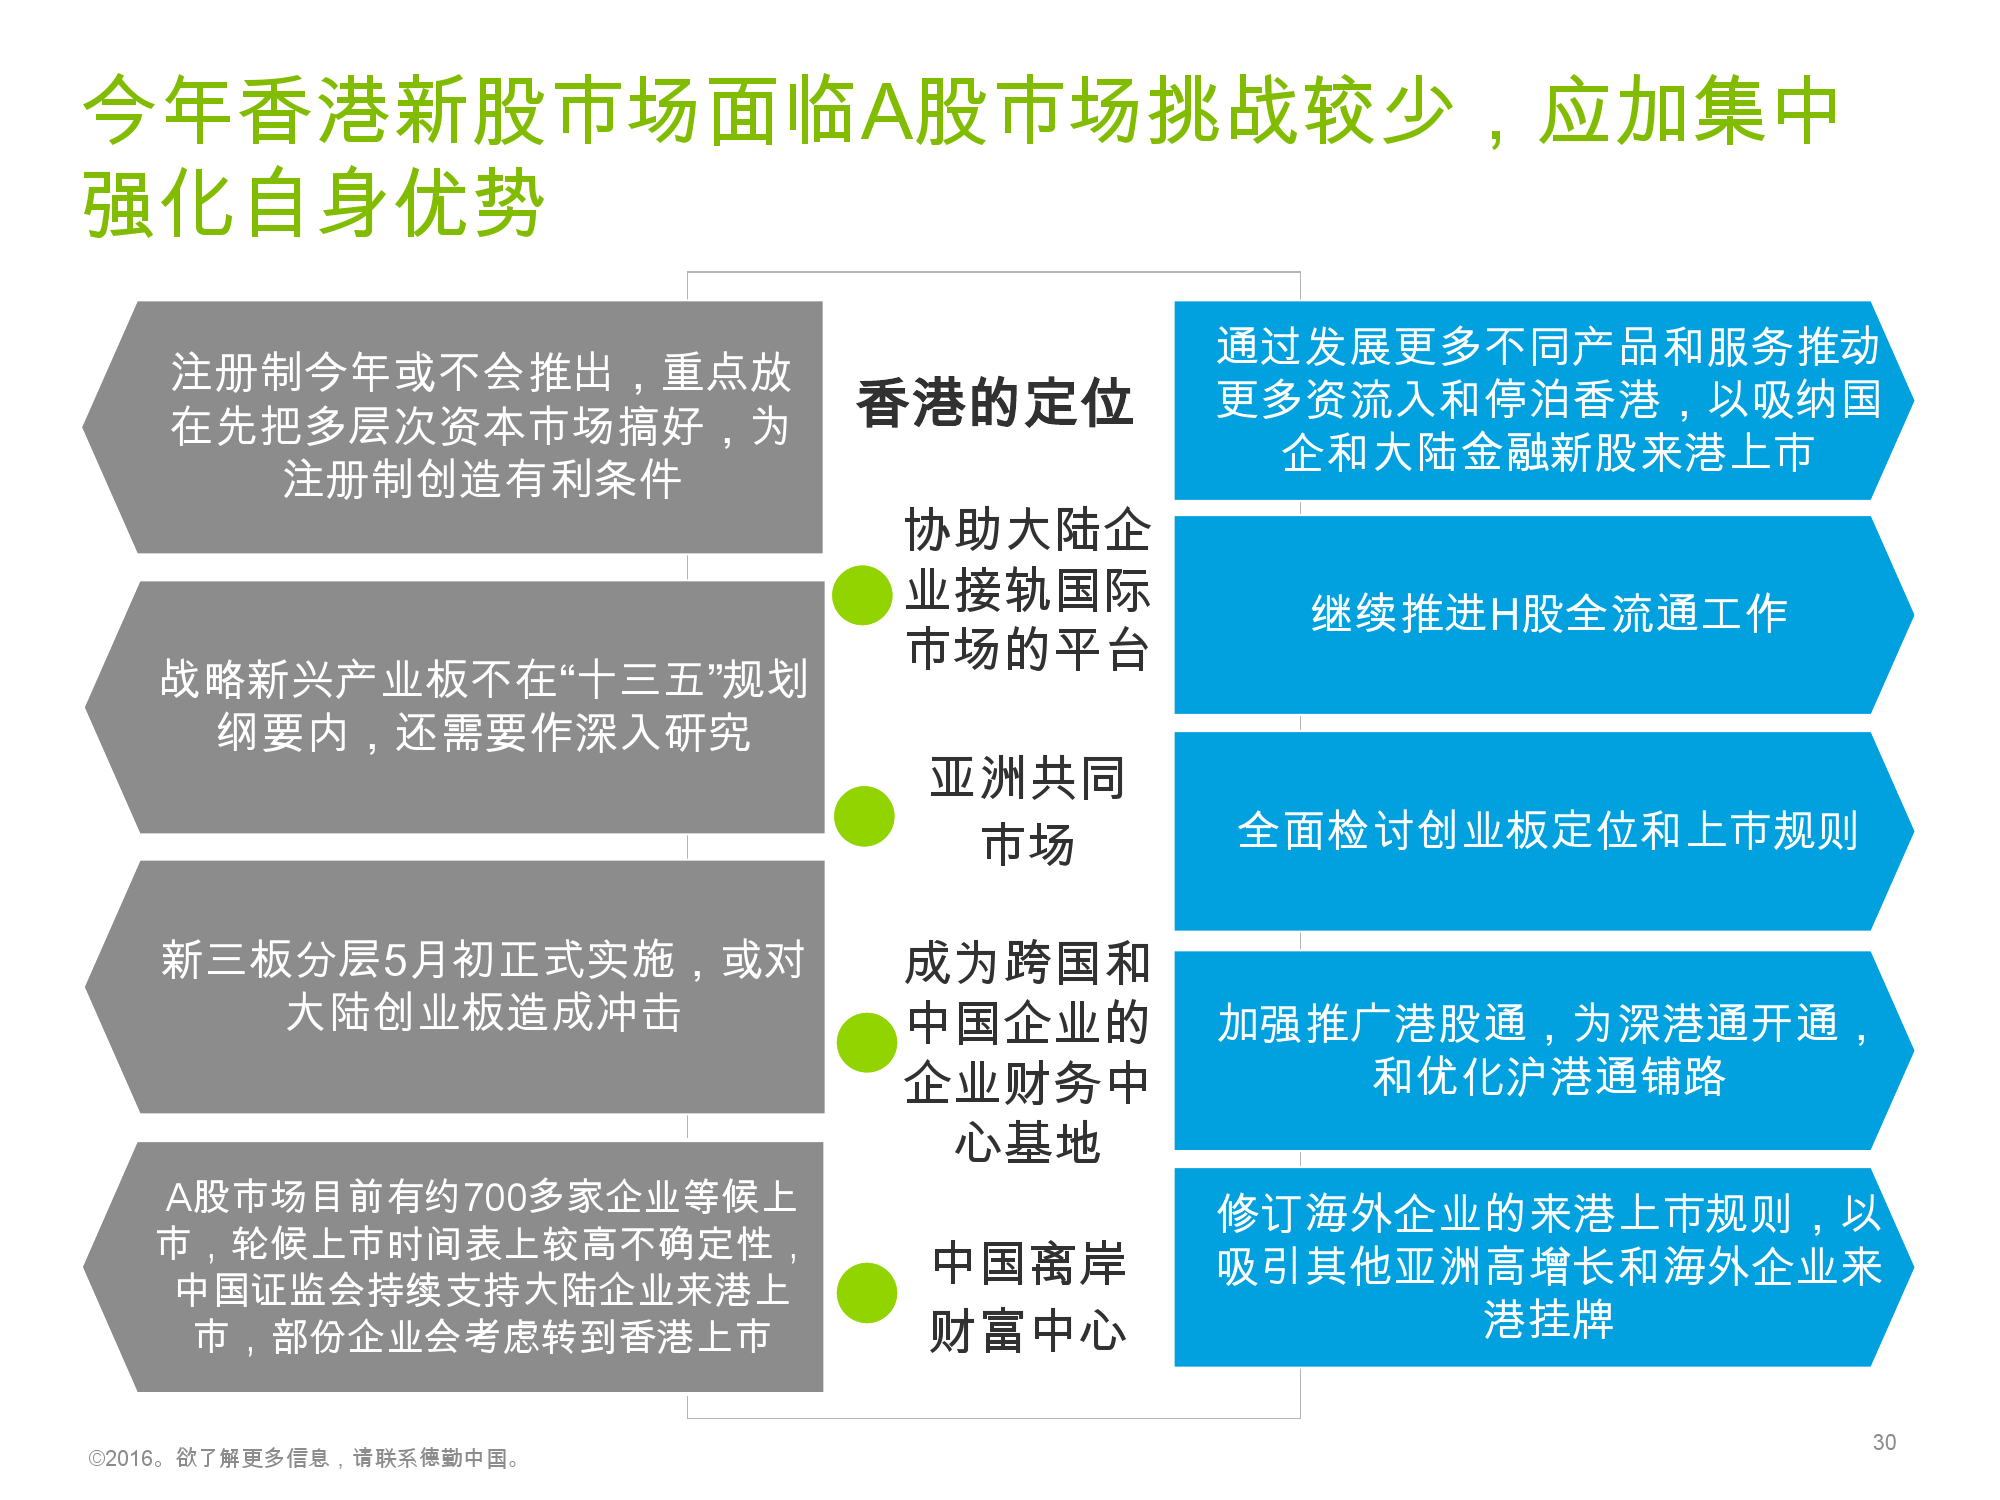 香港及中国大陆IPO市场2016年1季度_000030